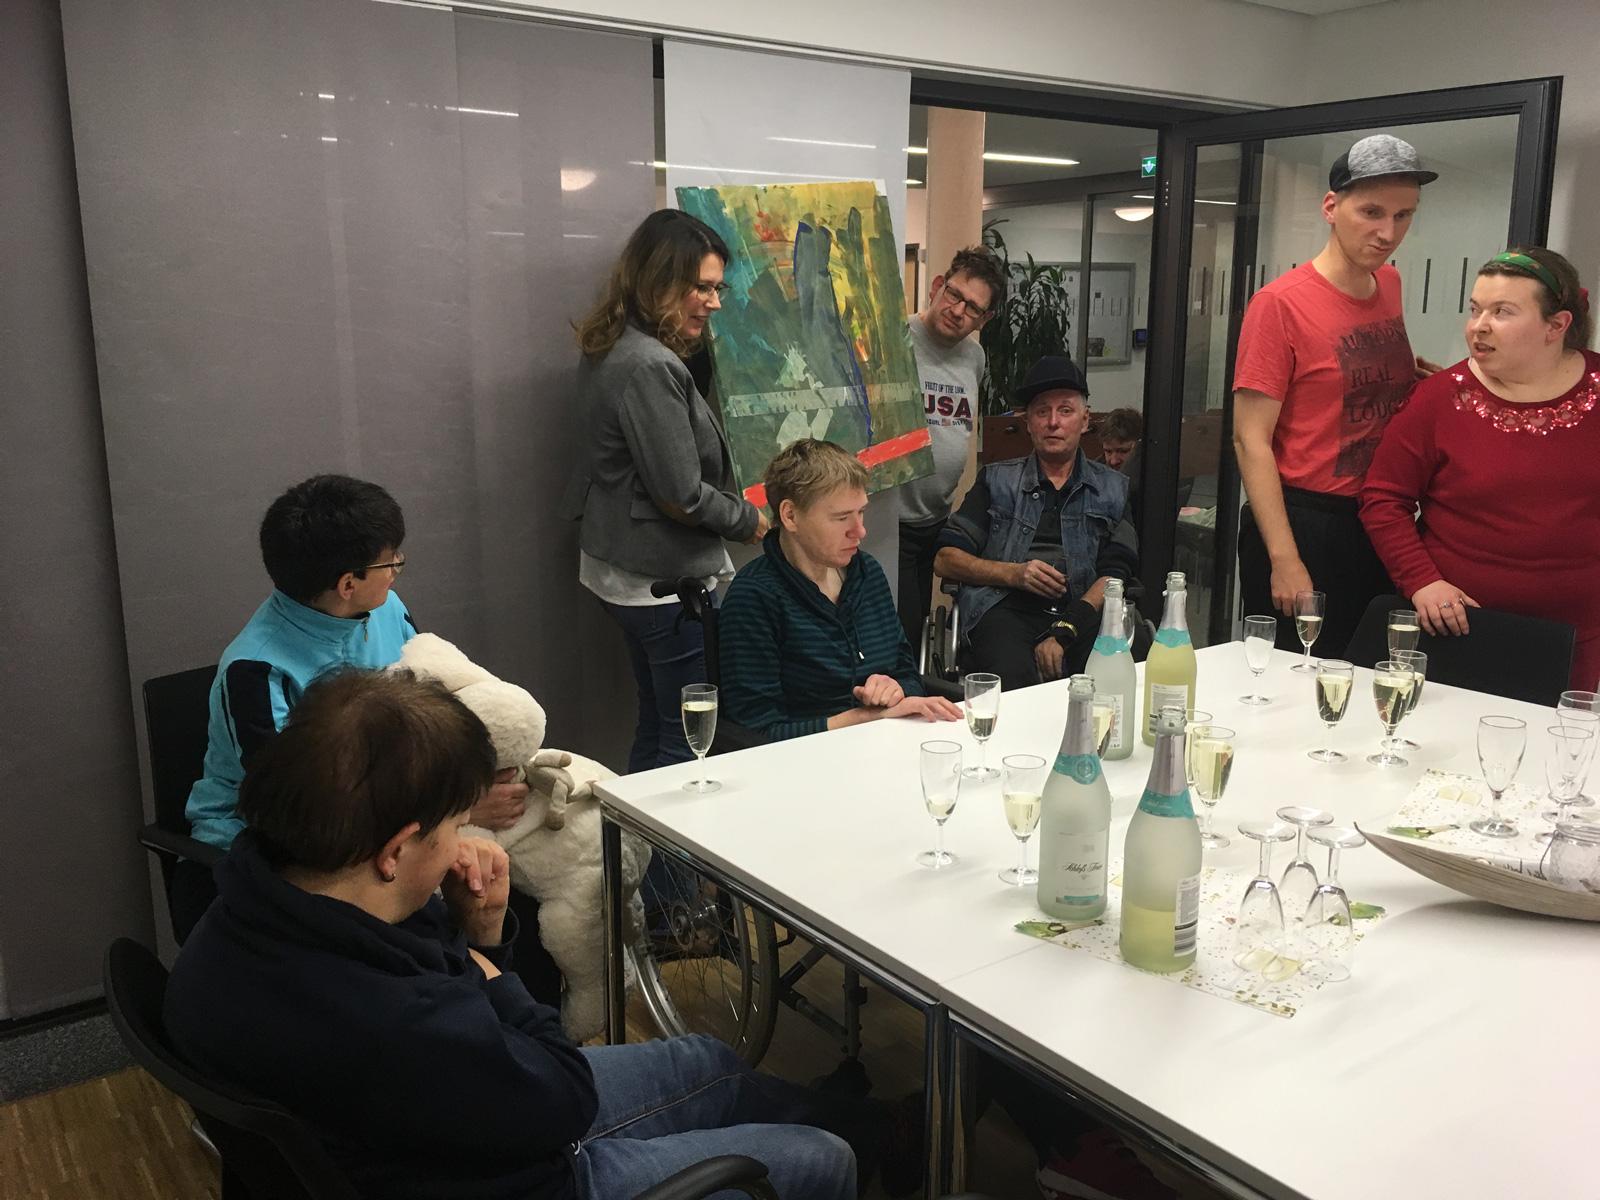 Stolz präsentierten die Teilnehmer ihre Kunstswerke bei einer Vernissage.